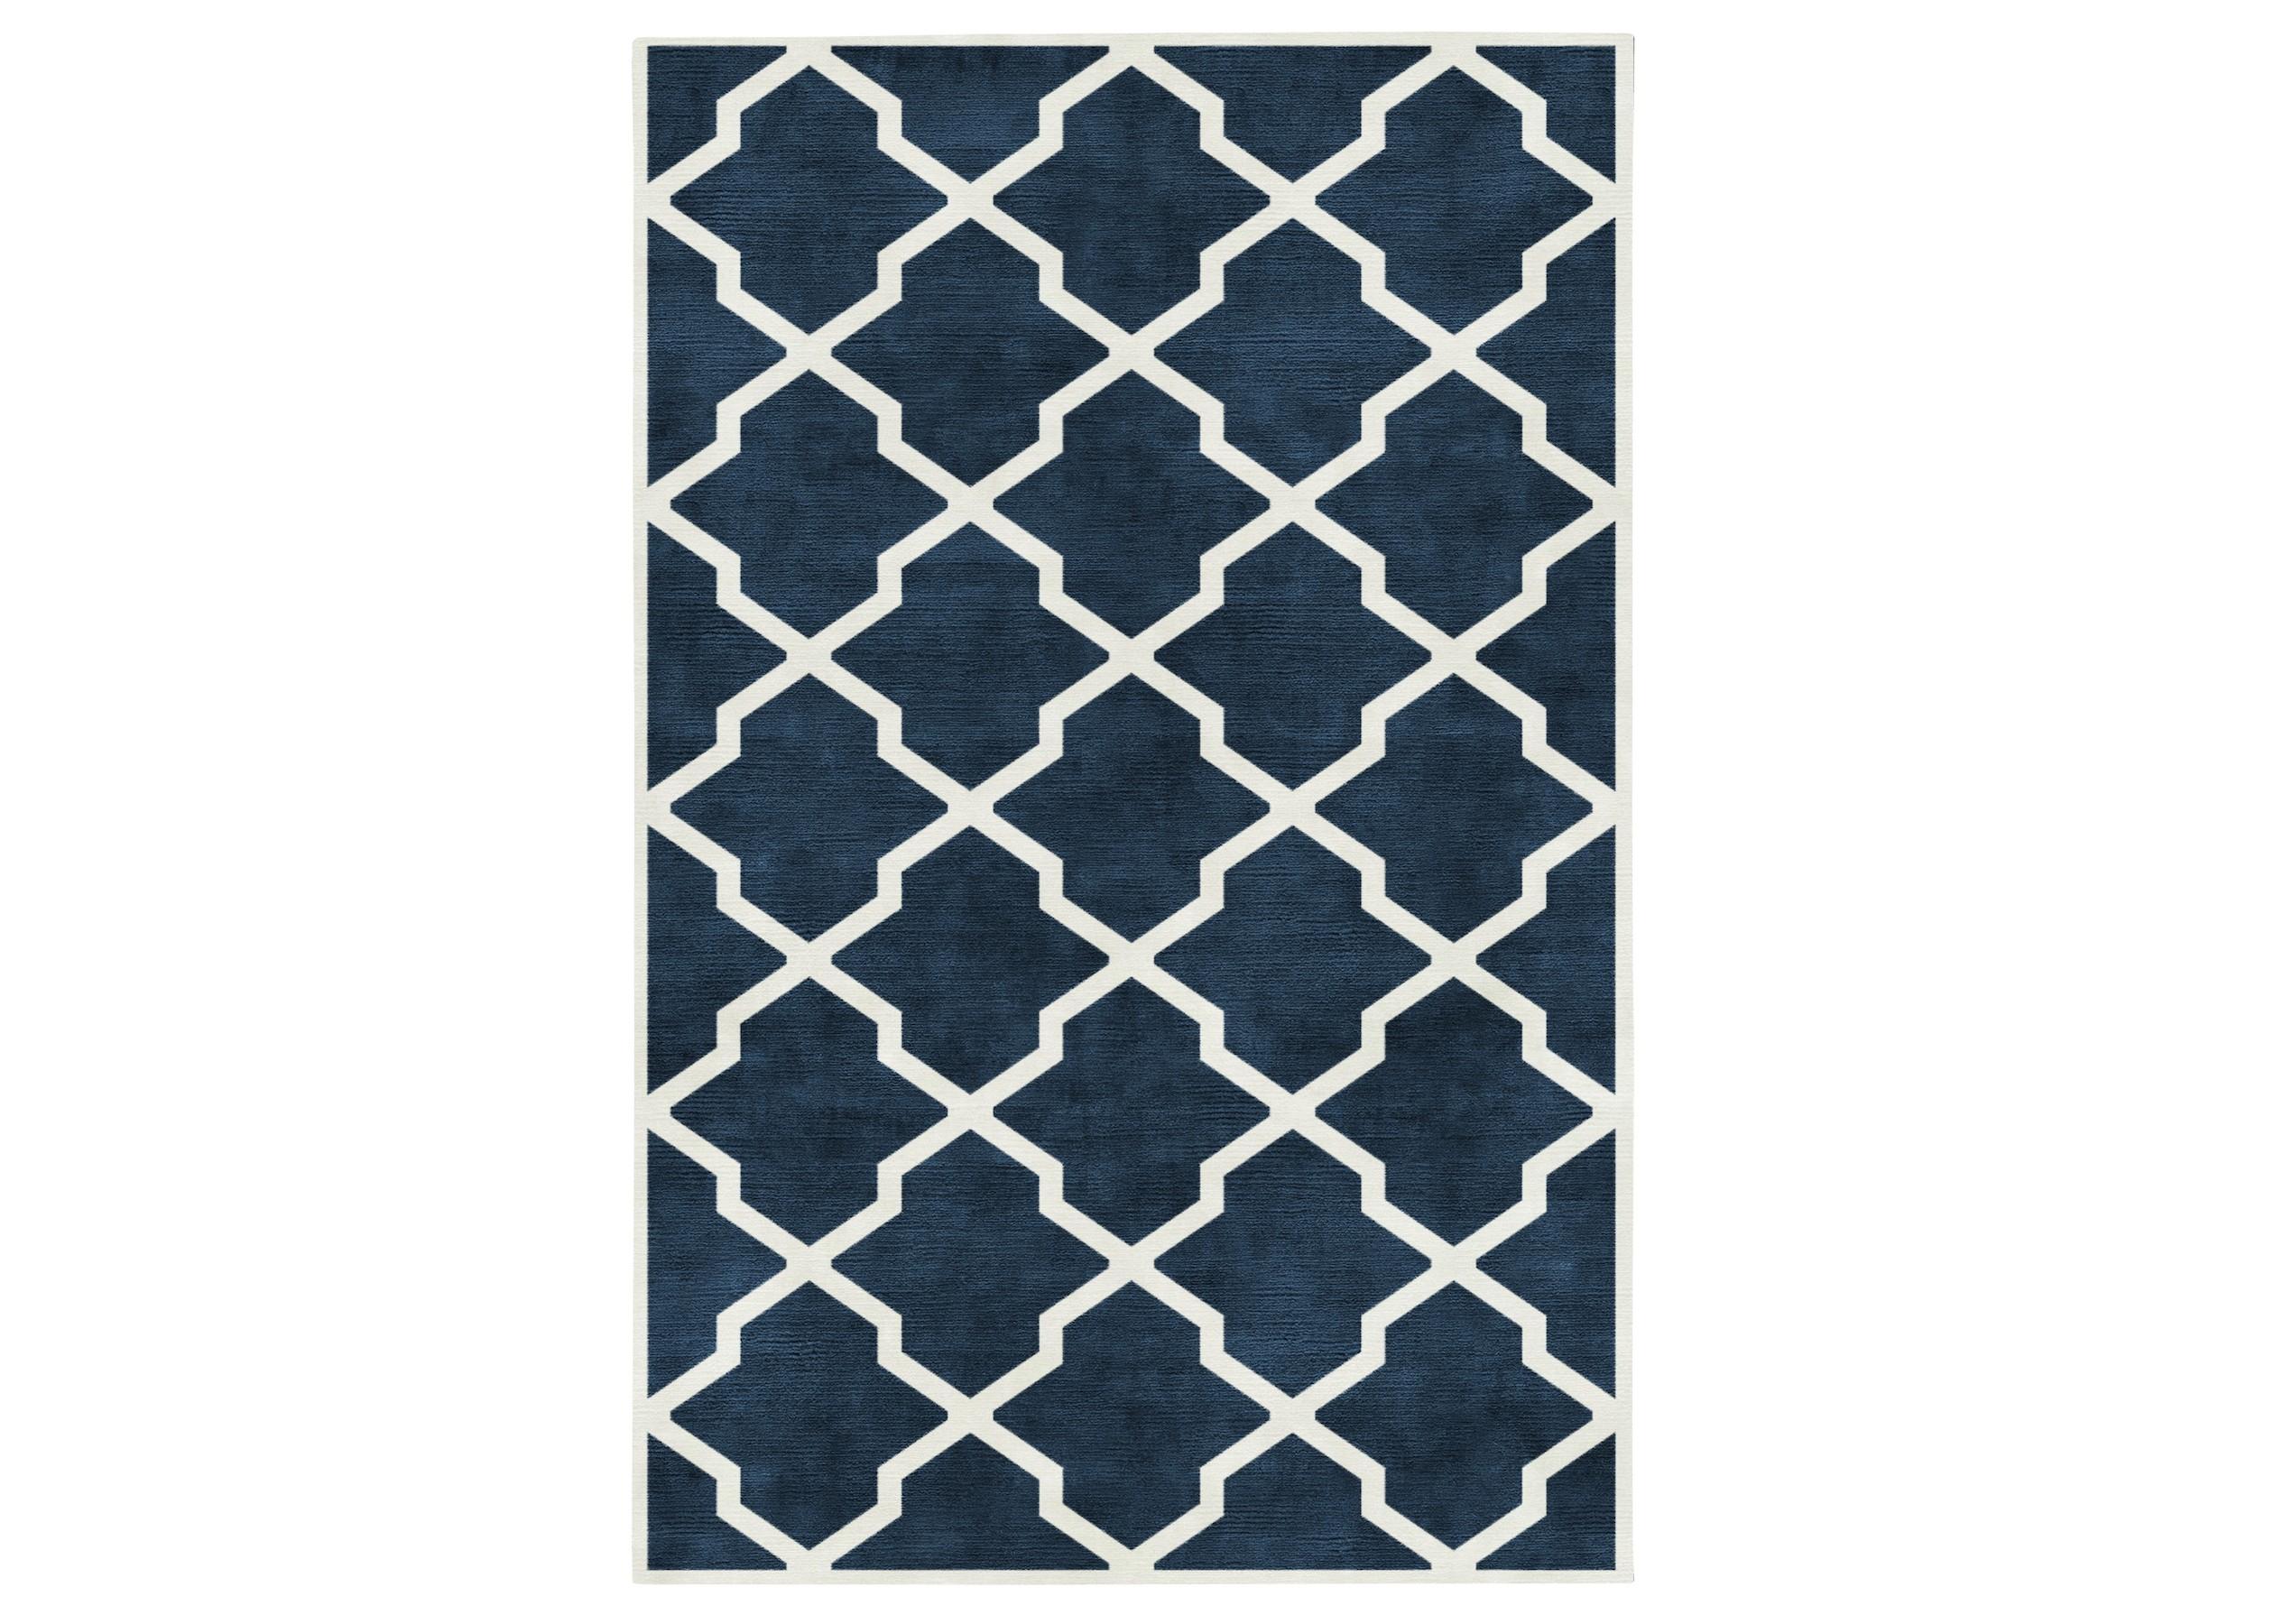 Ковер Lattice 120x180Прямоугольные ковры<br><br><br>Material: Шерсть<br>Ширина см: 120<br>Глубина см: 180